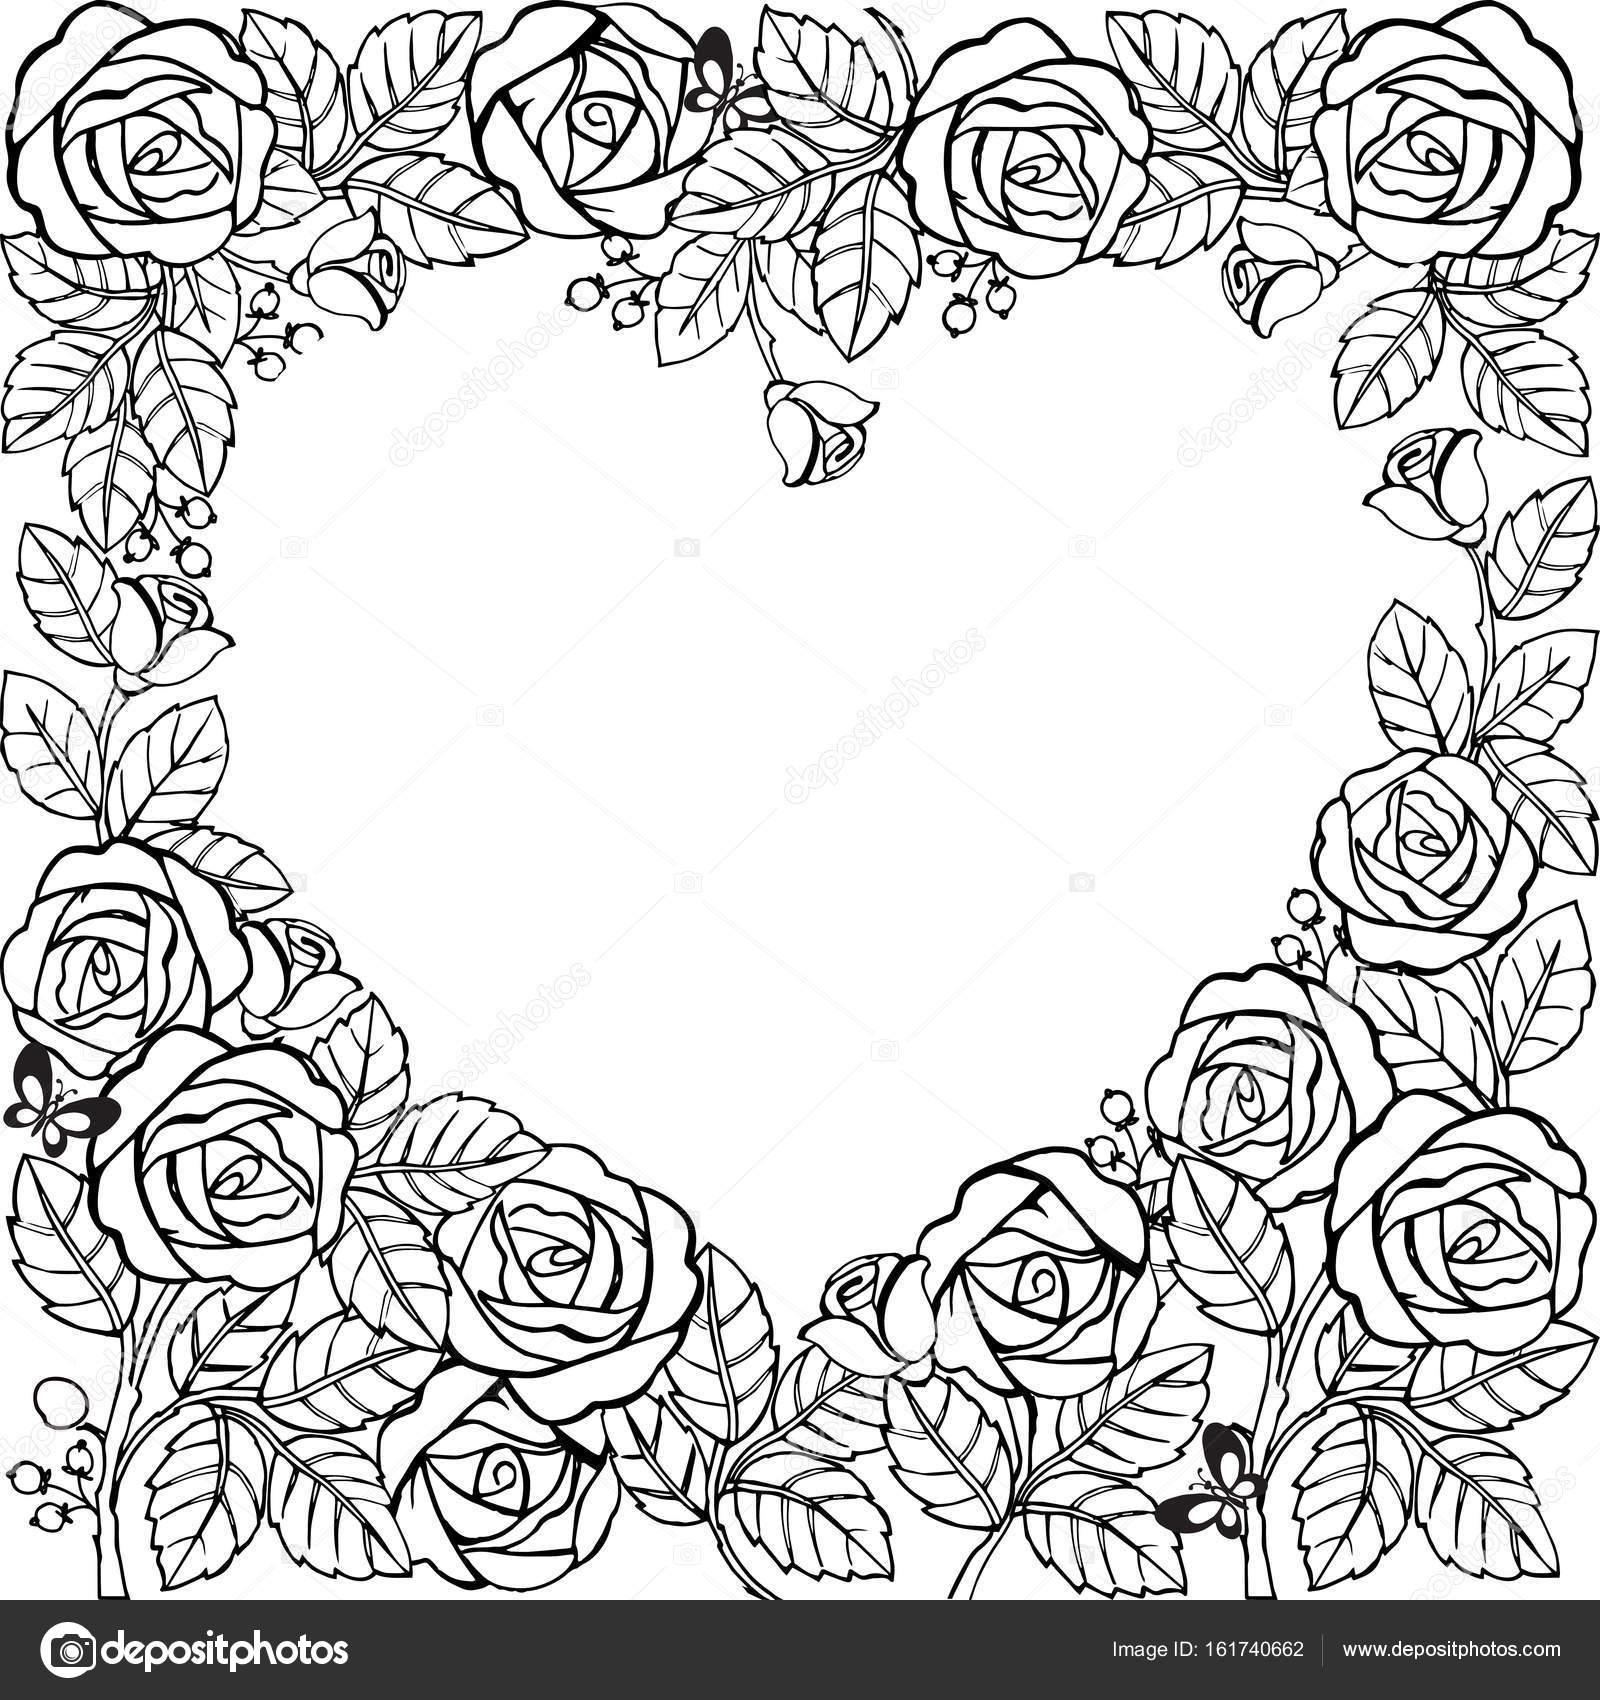 Marco de flores con rosas y corazón. Marco de flores para colorear